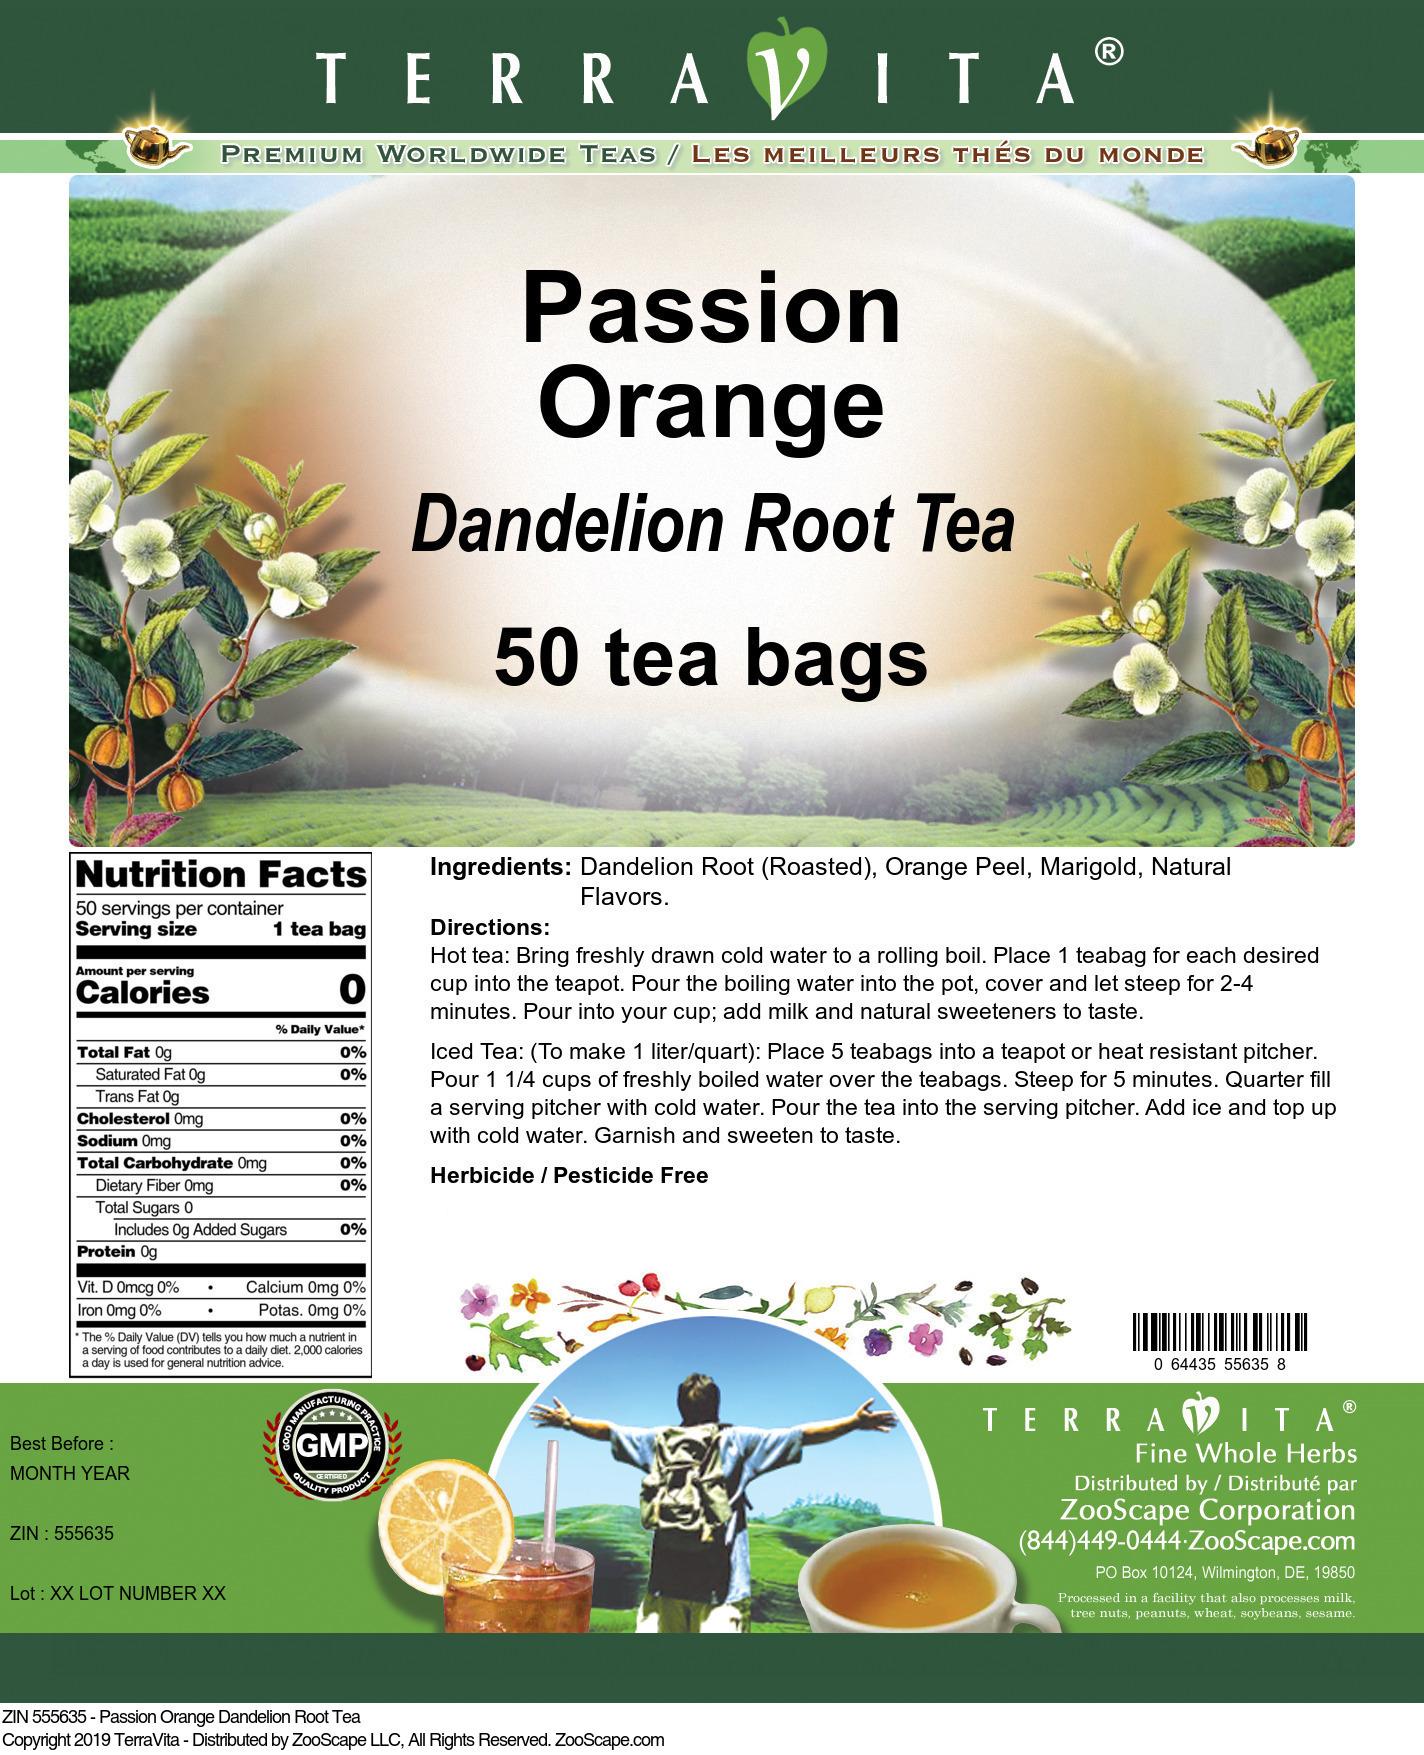 Passion Orange Dandelion Root Tea